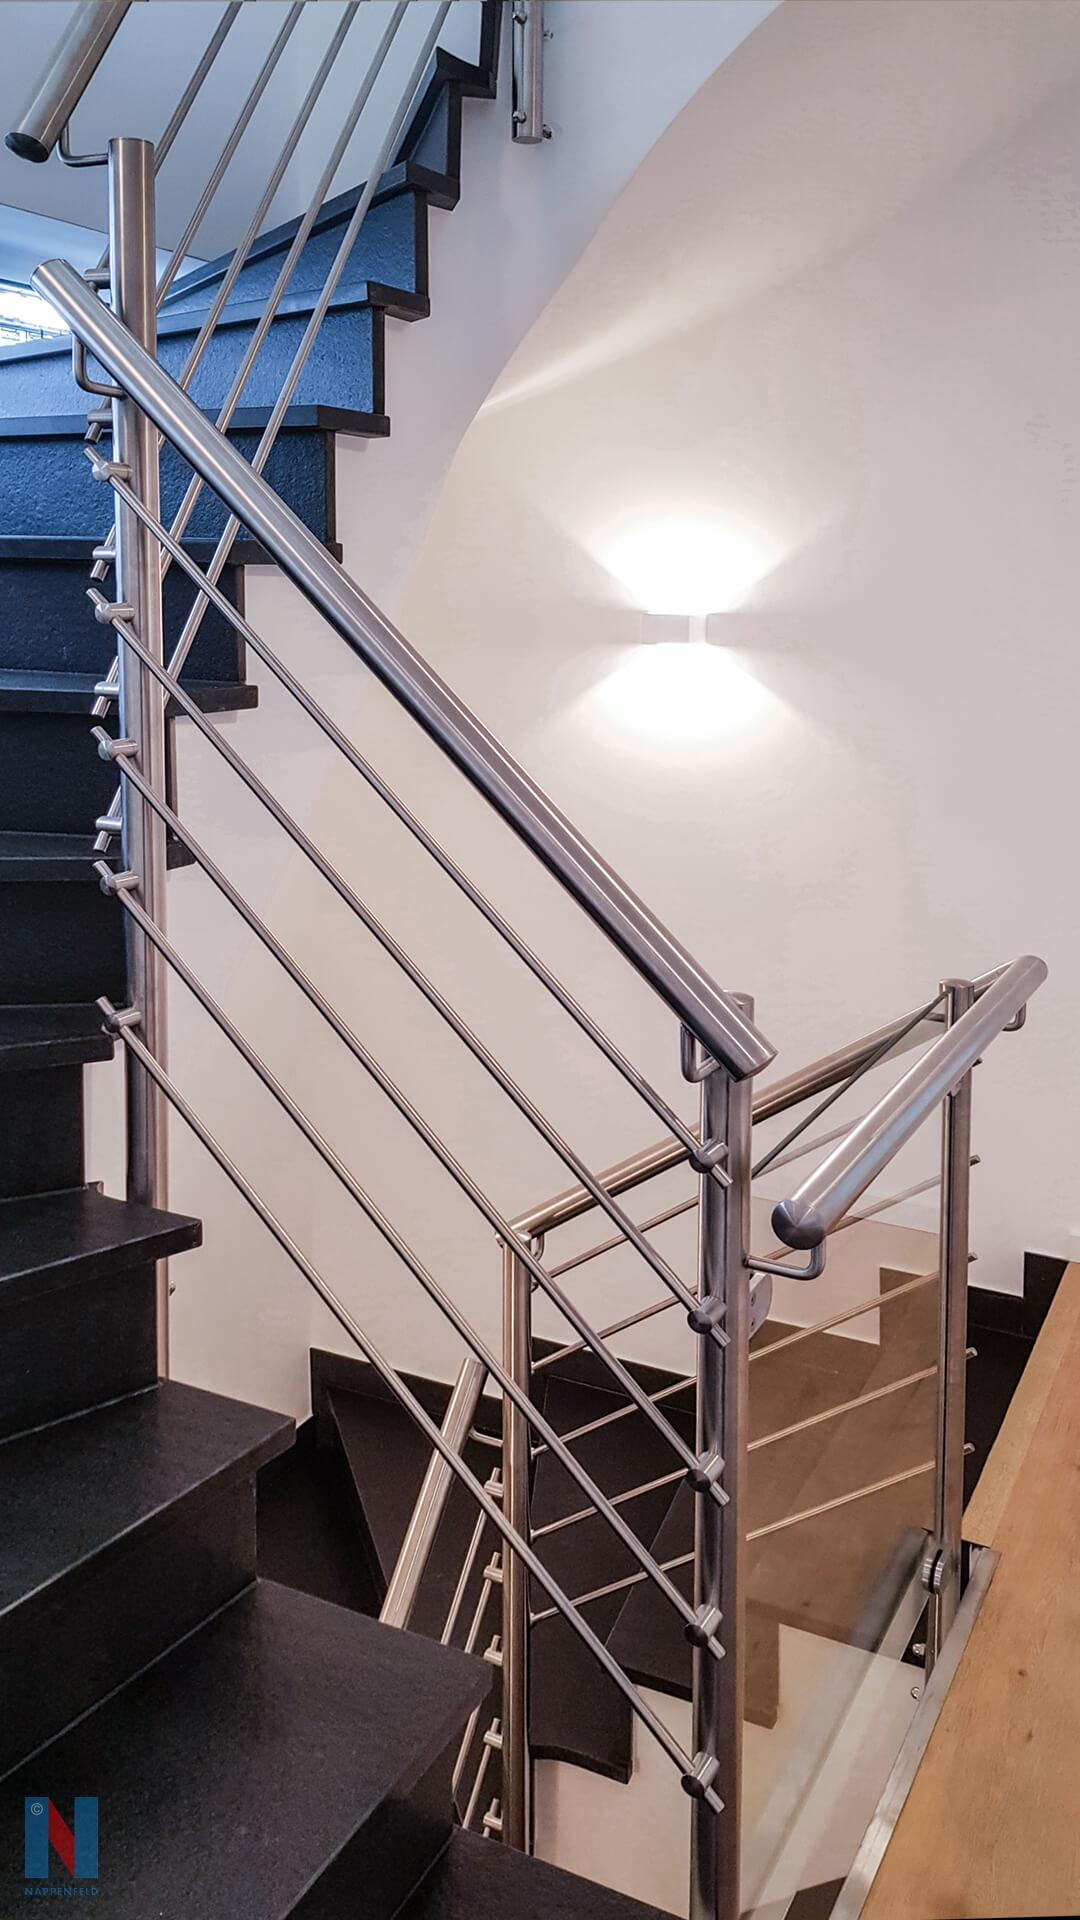 Die Edelstahlschlosserei Nappenfeld realisierte ein neues Edelstahl-Geländer für eine Treppe in einer Villa in Oberhausen.